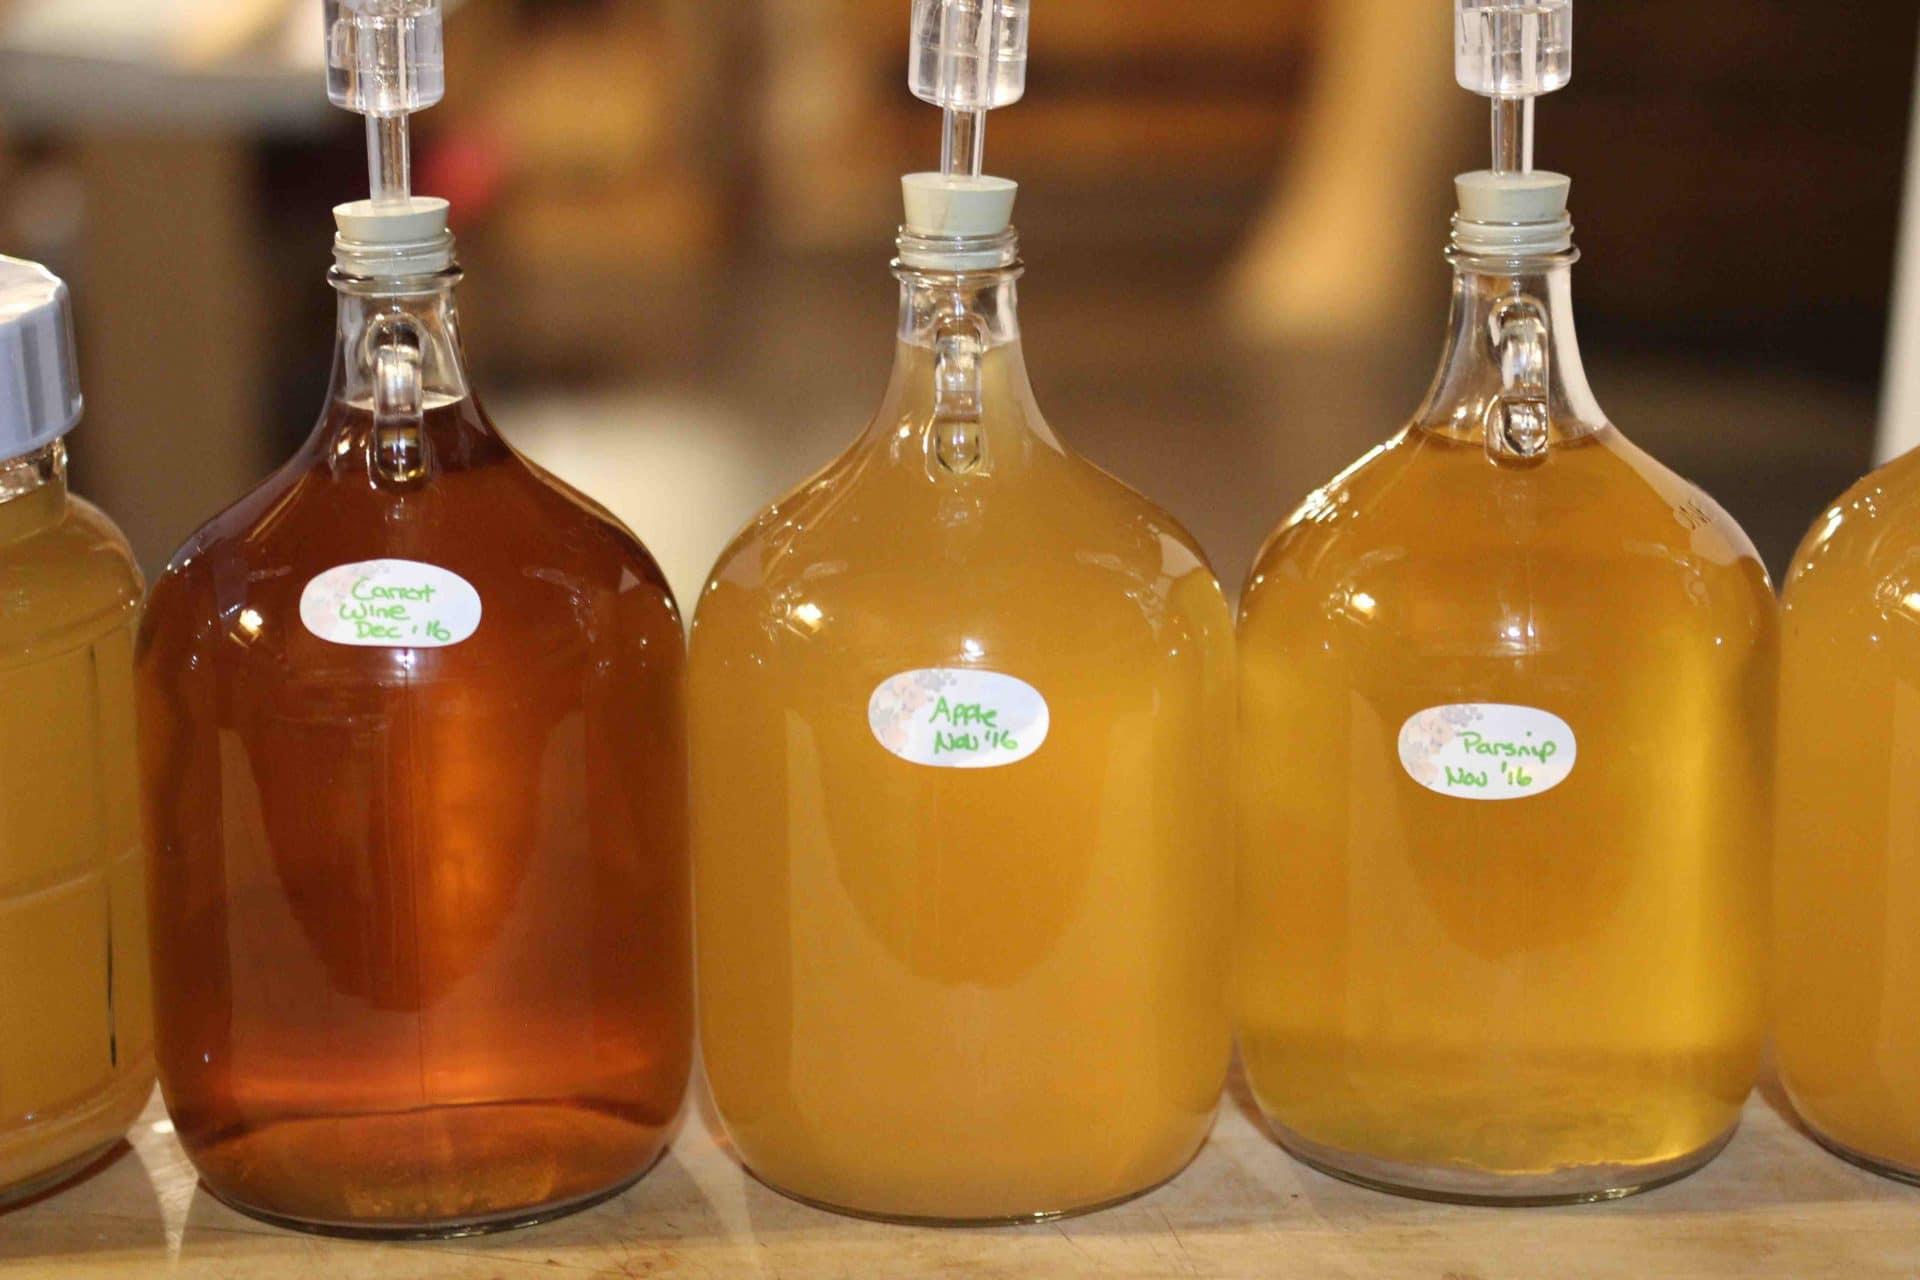 Walkerland's Parsnip Wine Recipe